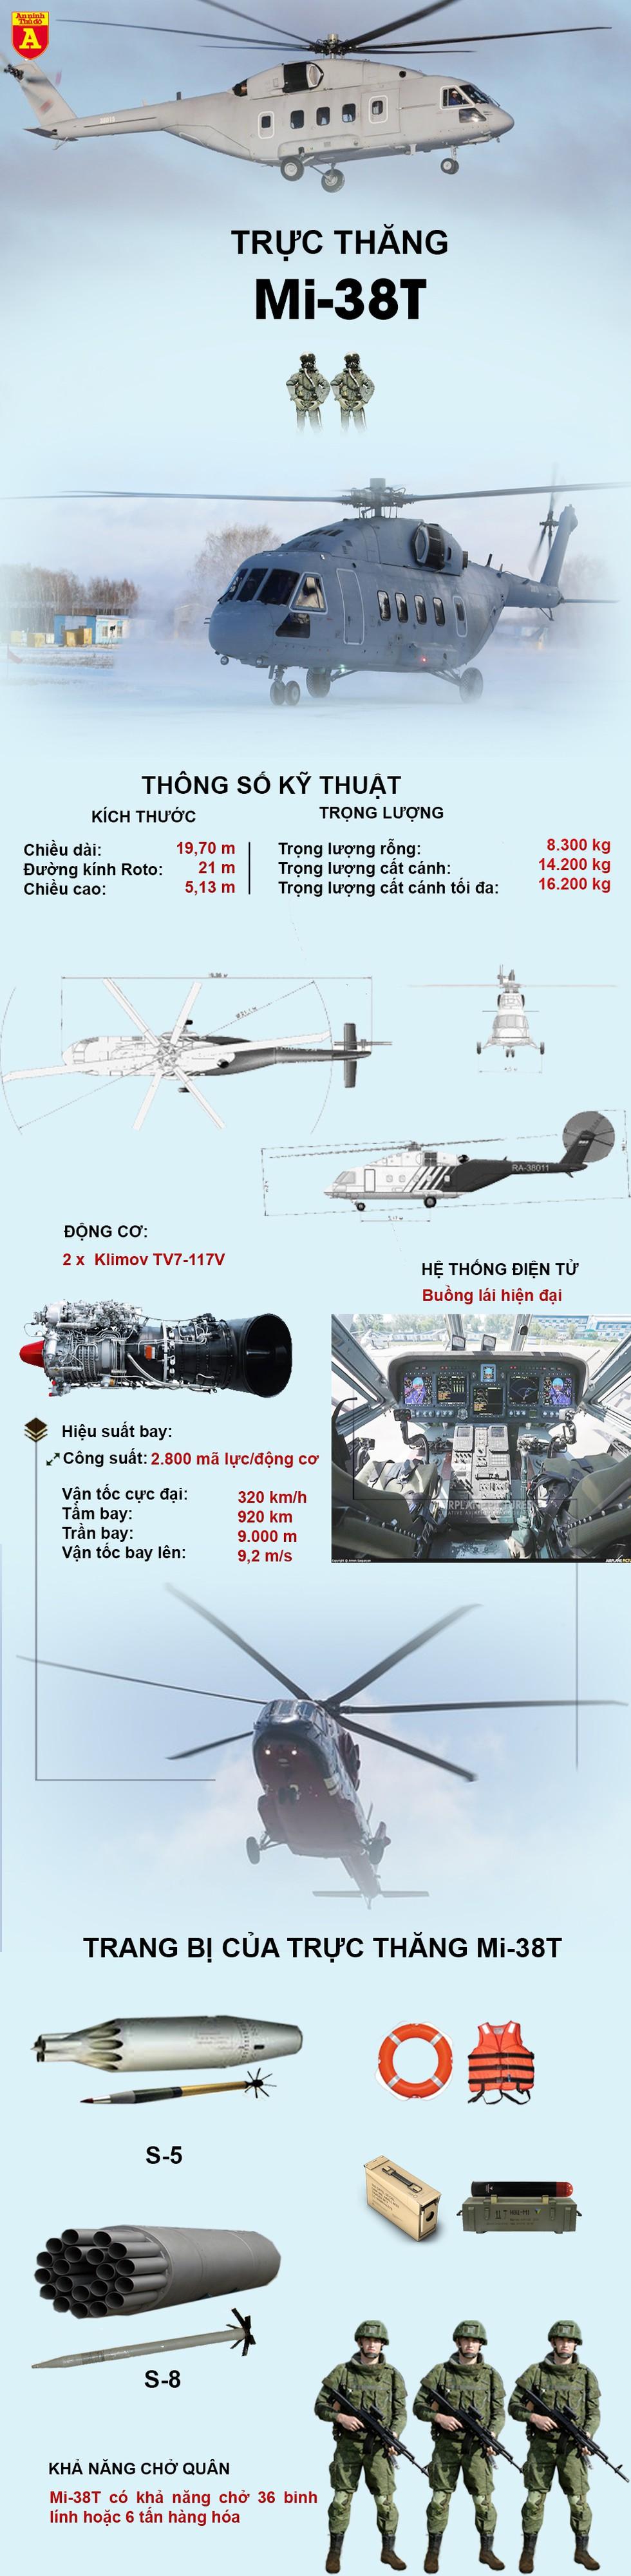 """[Infographics] Trực thăng """"miễn nhiễm"""" với tên lửa phòng không vác vai có nguy cơ ế ẩm - Ảnh 1"""